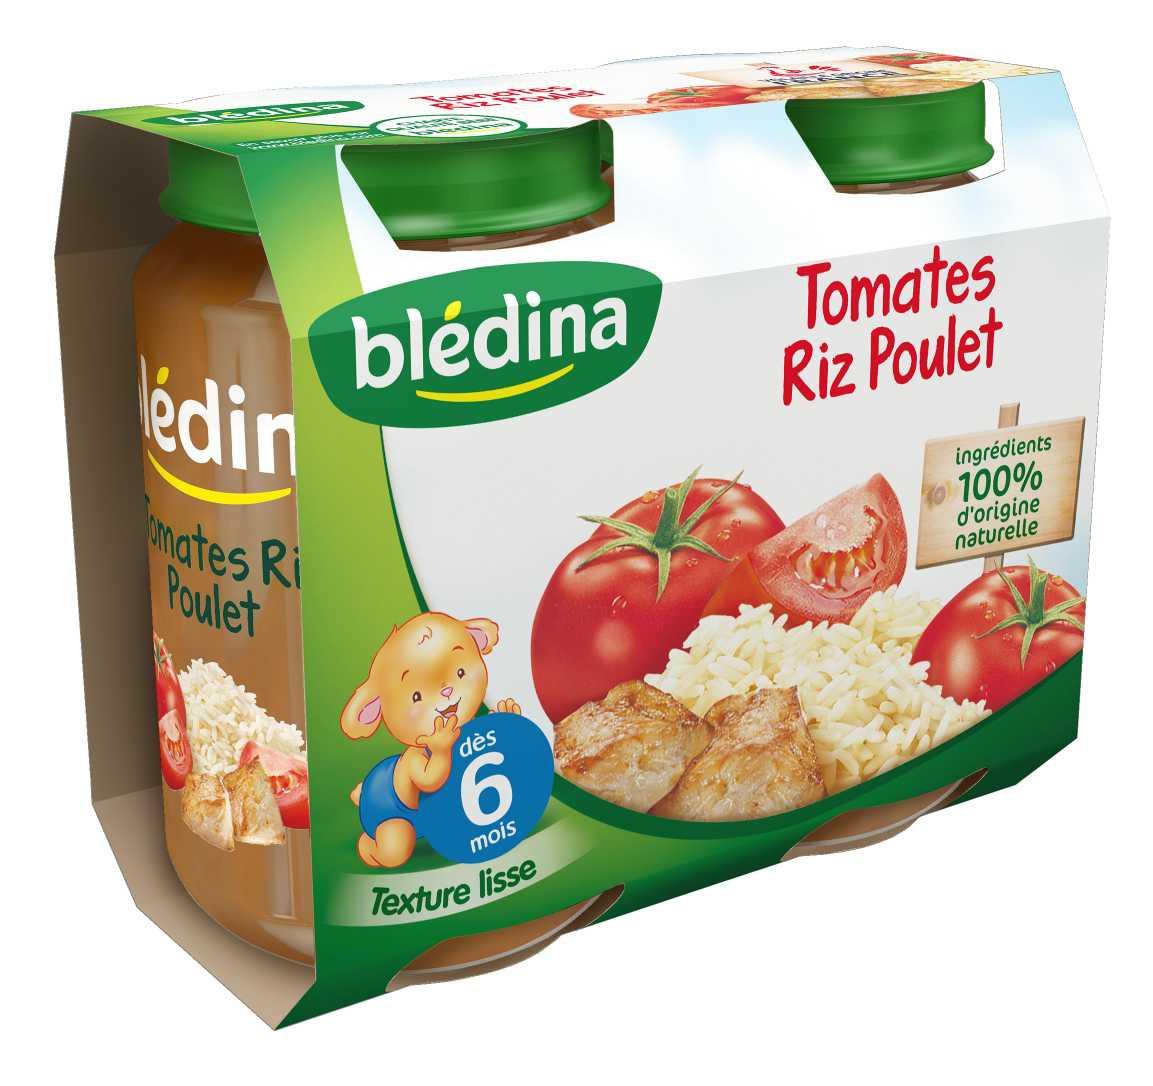 Pot Tomates Riz Poulet 2x200g